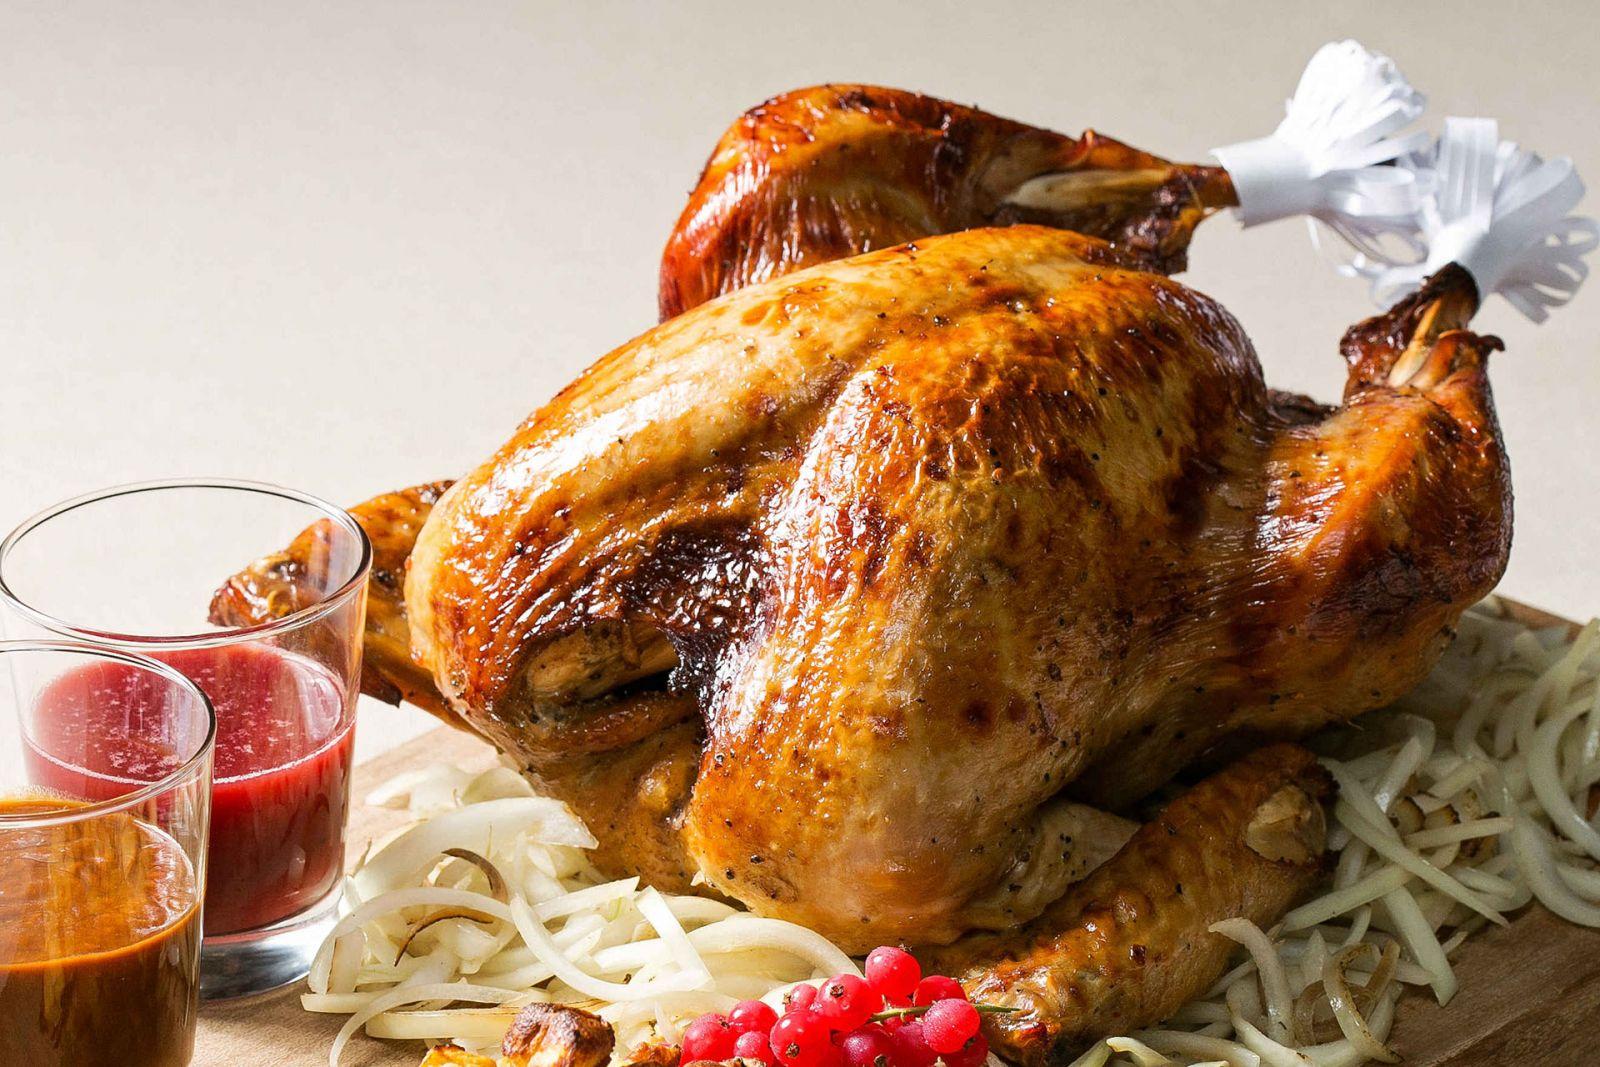 【感恩節】美式經典烤火雞禮籃 道地美式風味